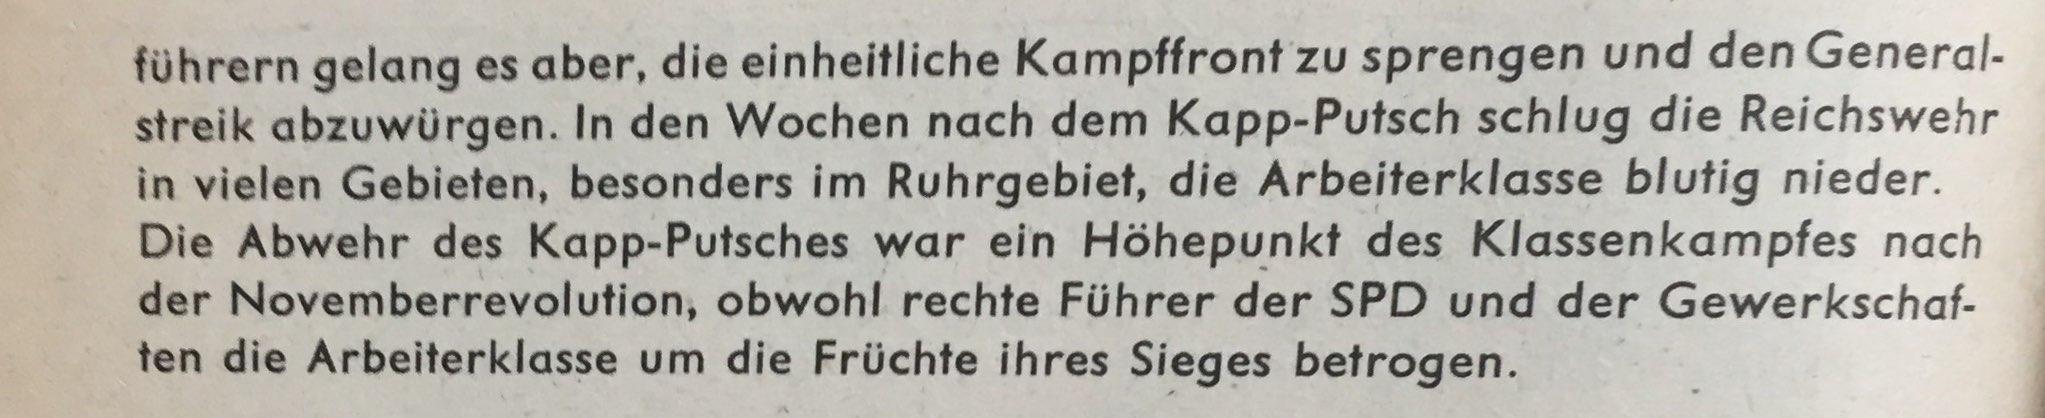 Kapp-Putsch 3